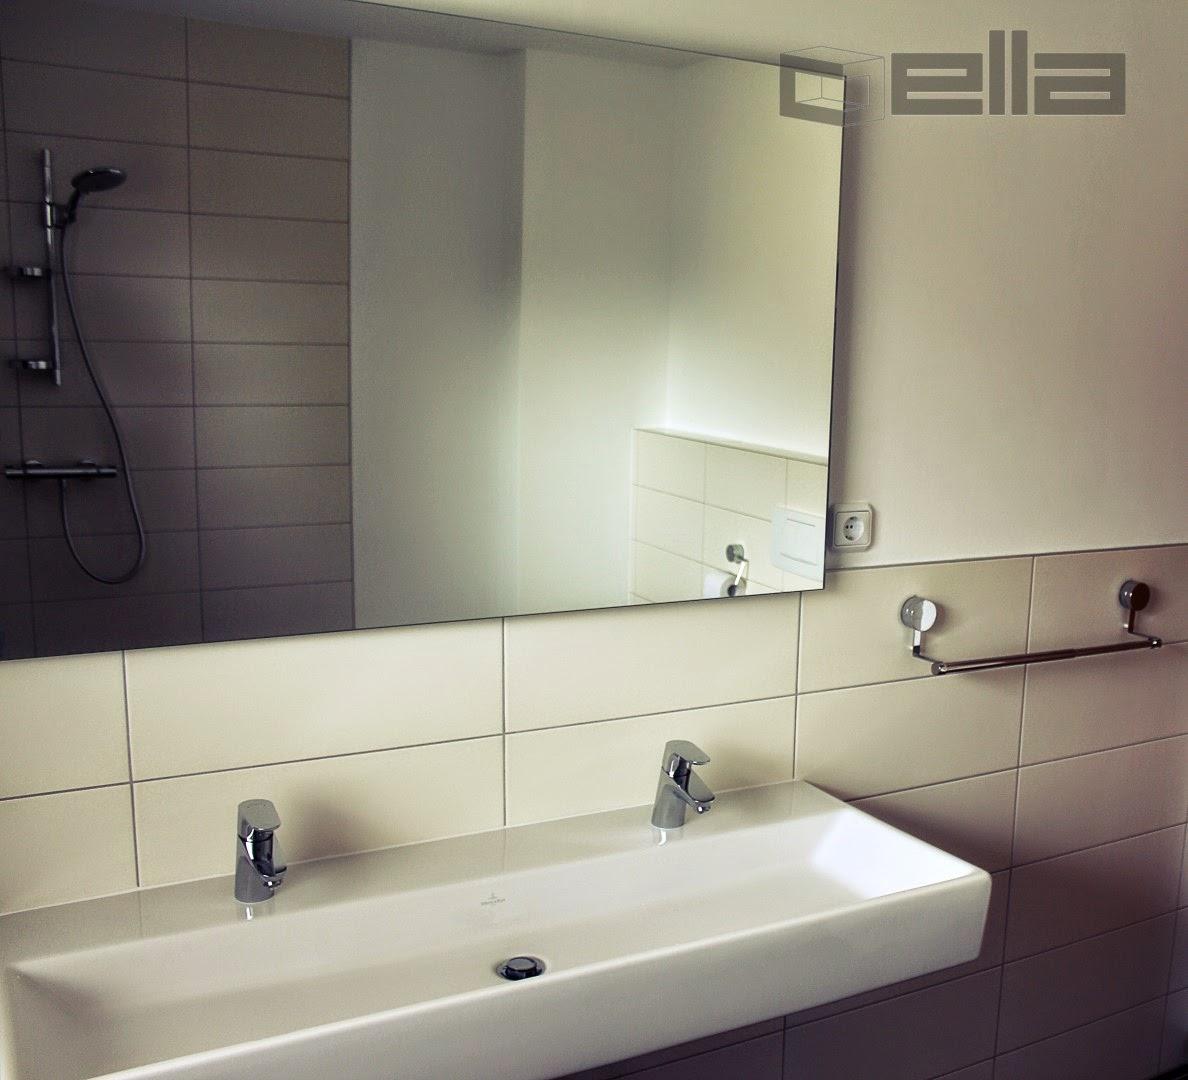 Badsanierung München badsanierung münchen cella gmbh badsanierung und badrenovierung